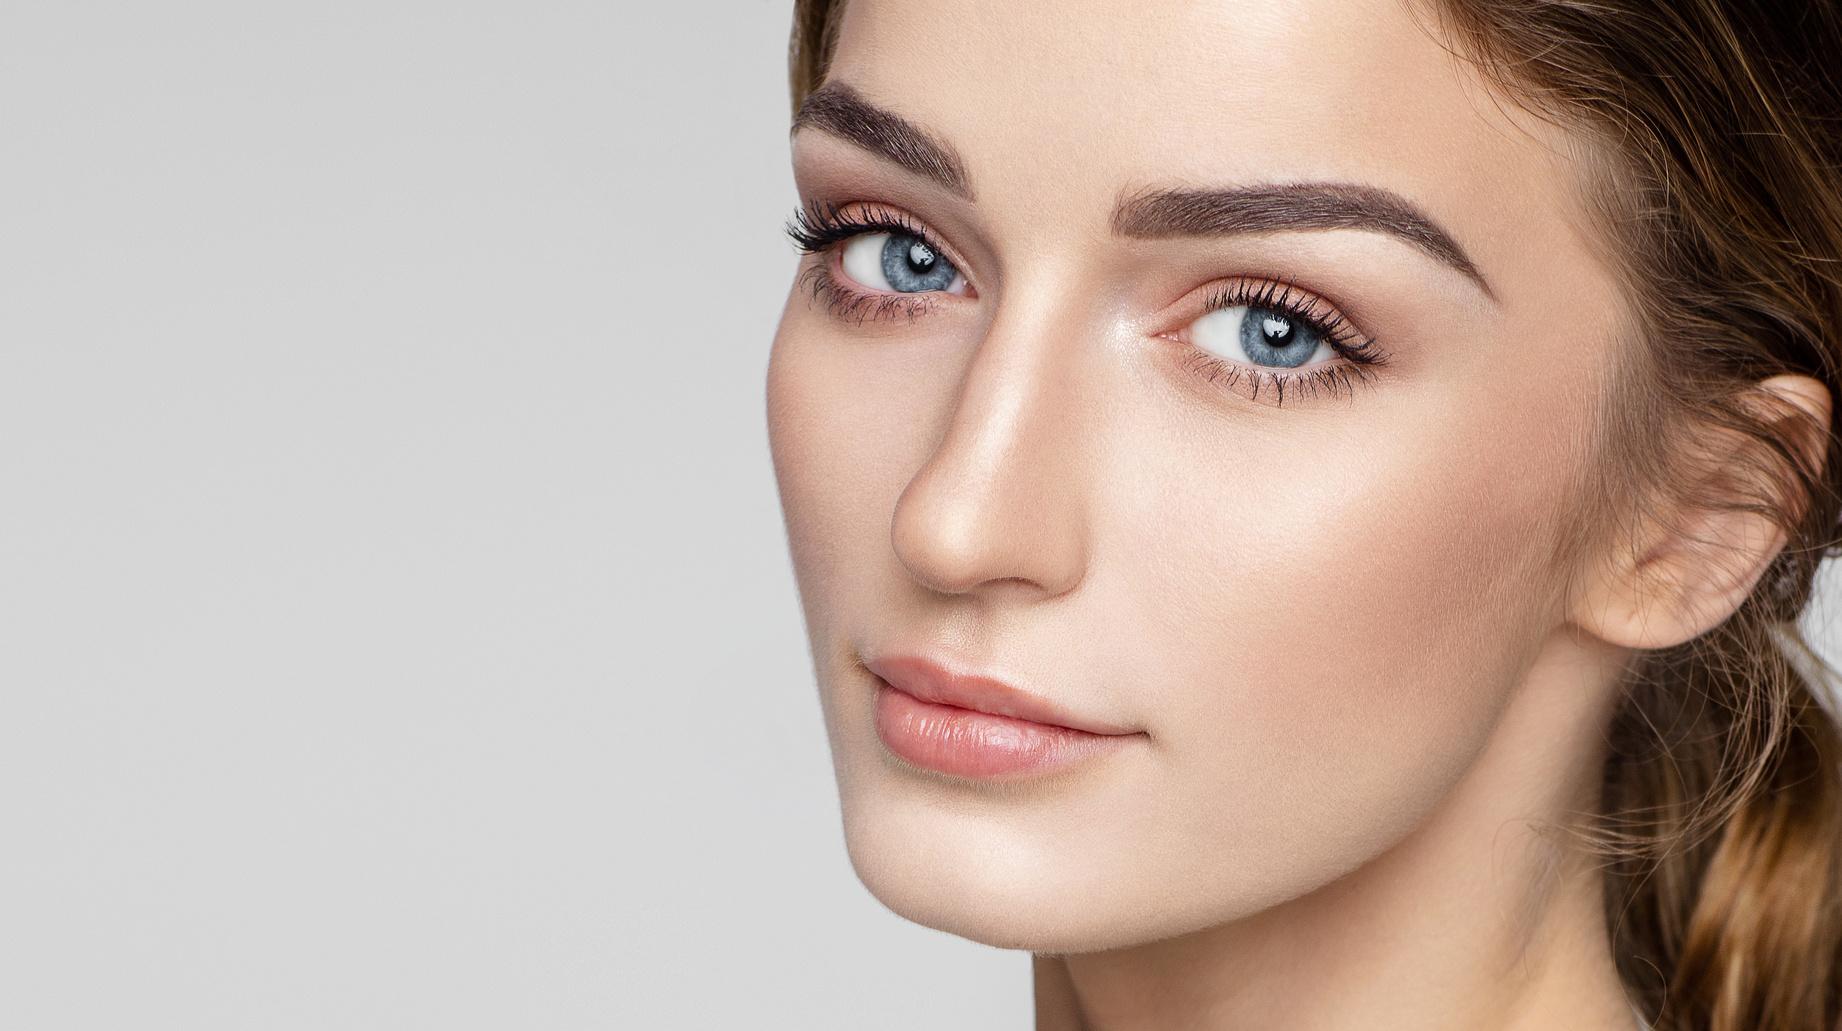 c4c5386661465d Poznaj wszystkie kosmetyki wodoodporne i zobacz, jak zmyć makijaż  wodoodporny